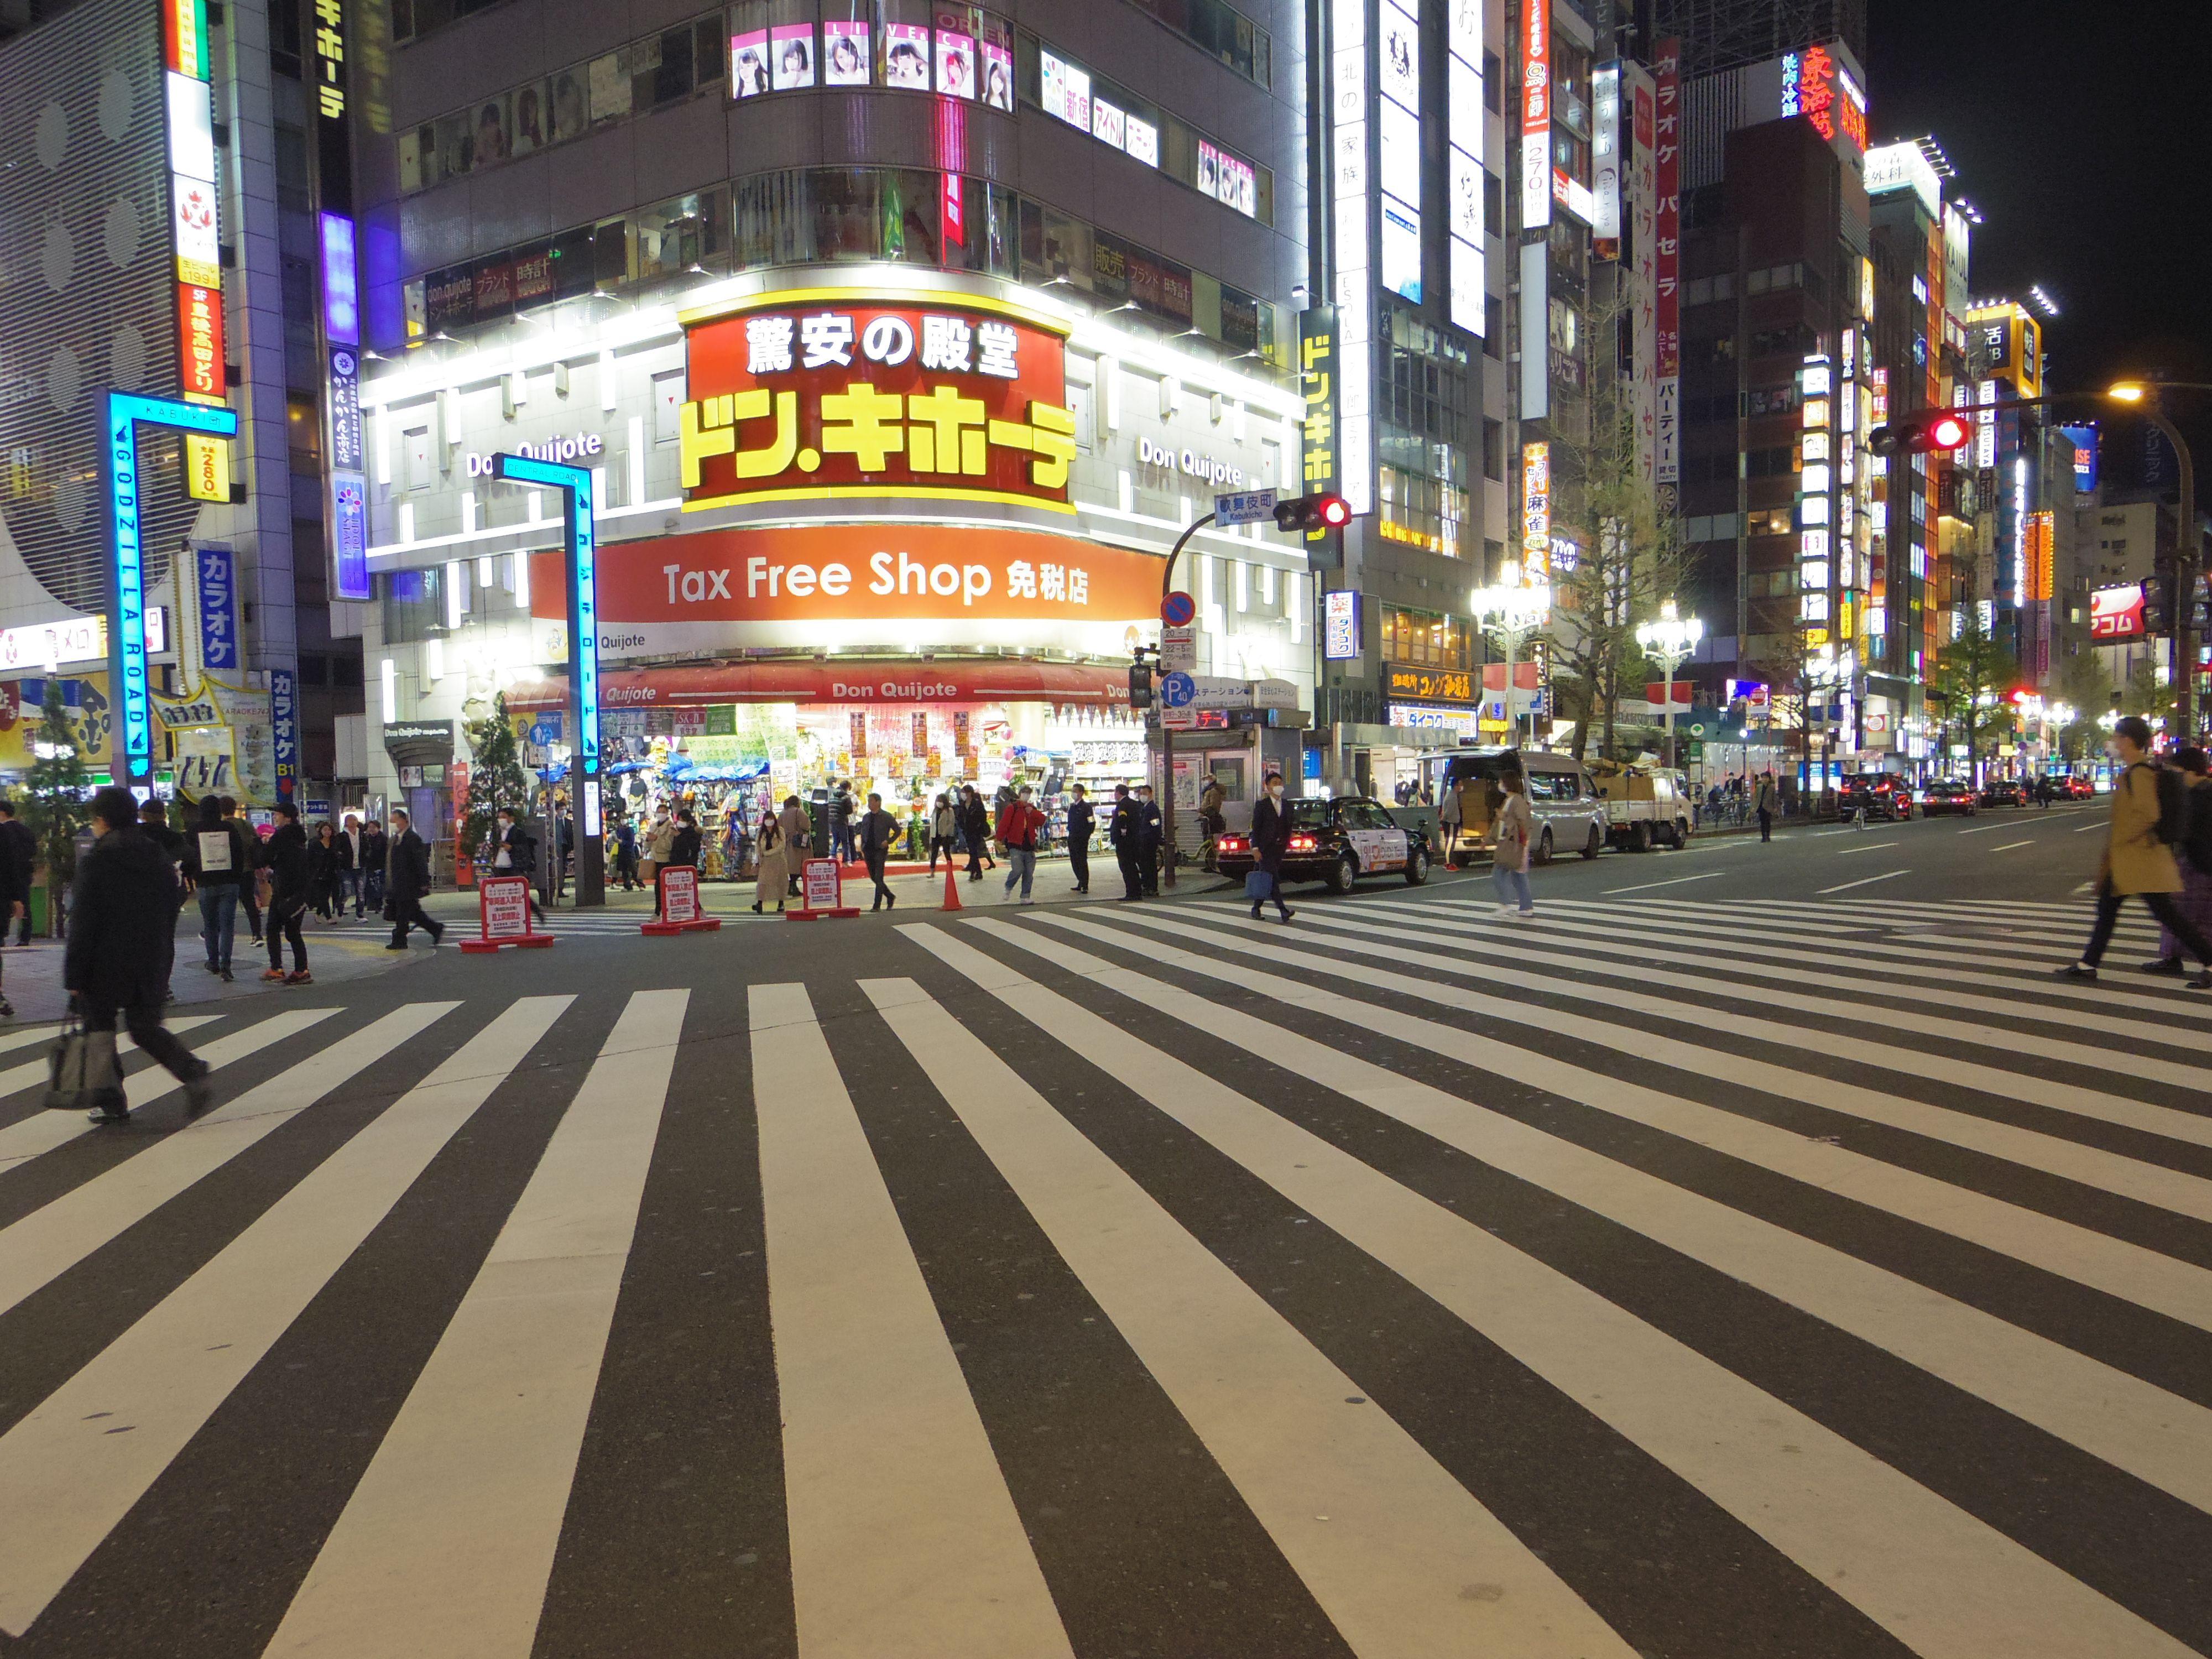 緊急事態宣言発令中「東京の夜の街を歩いてみた」【新宿・渋谷の動画】の画像005